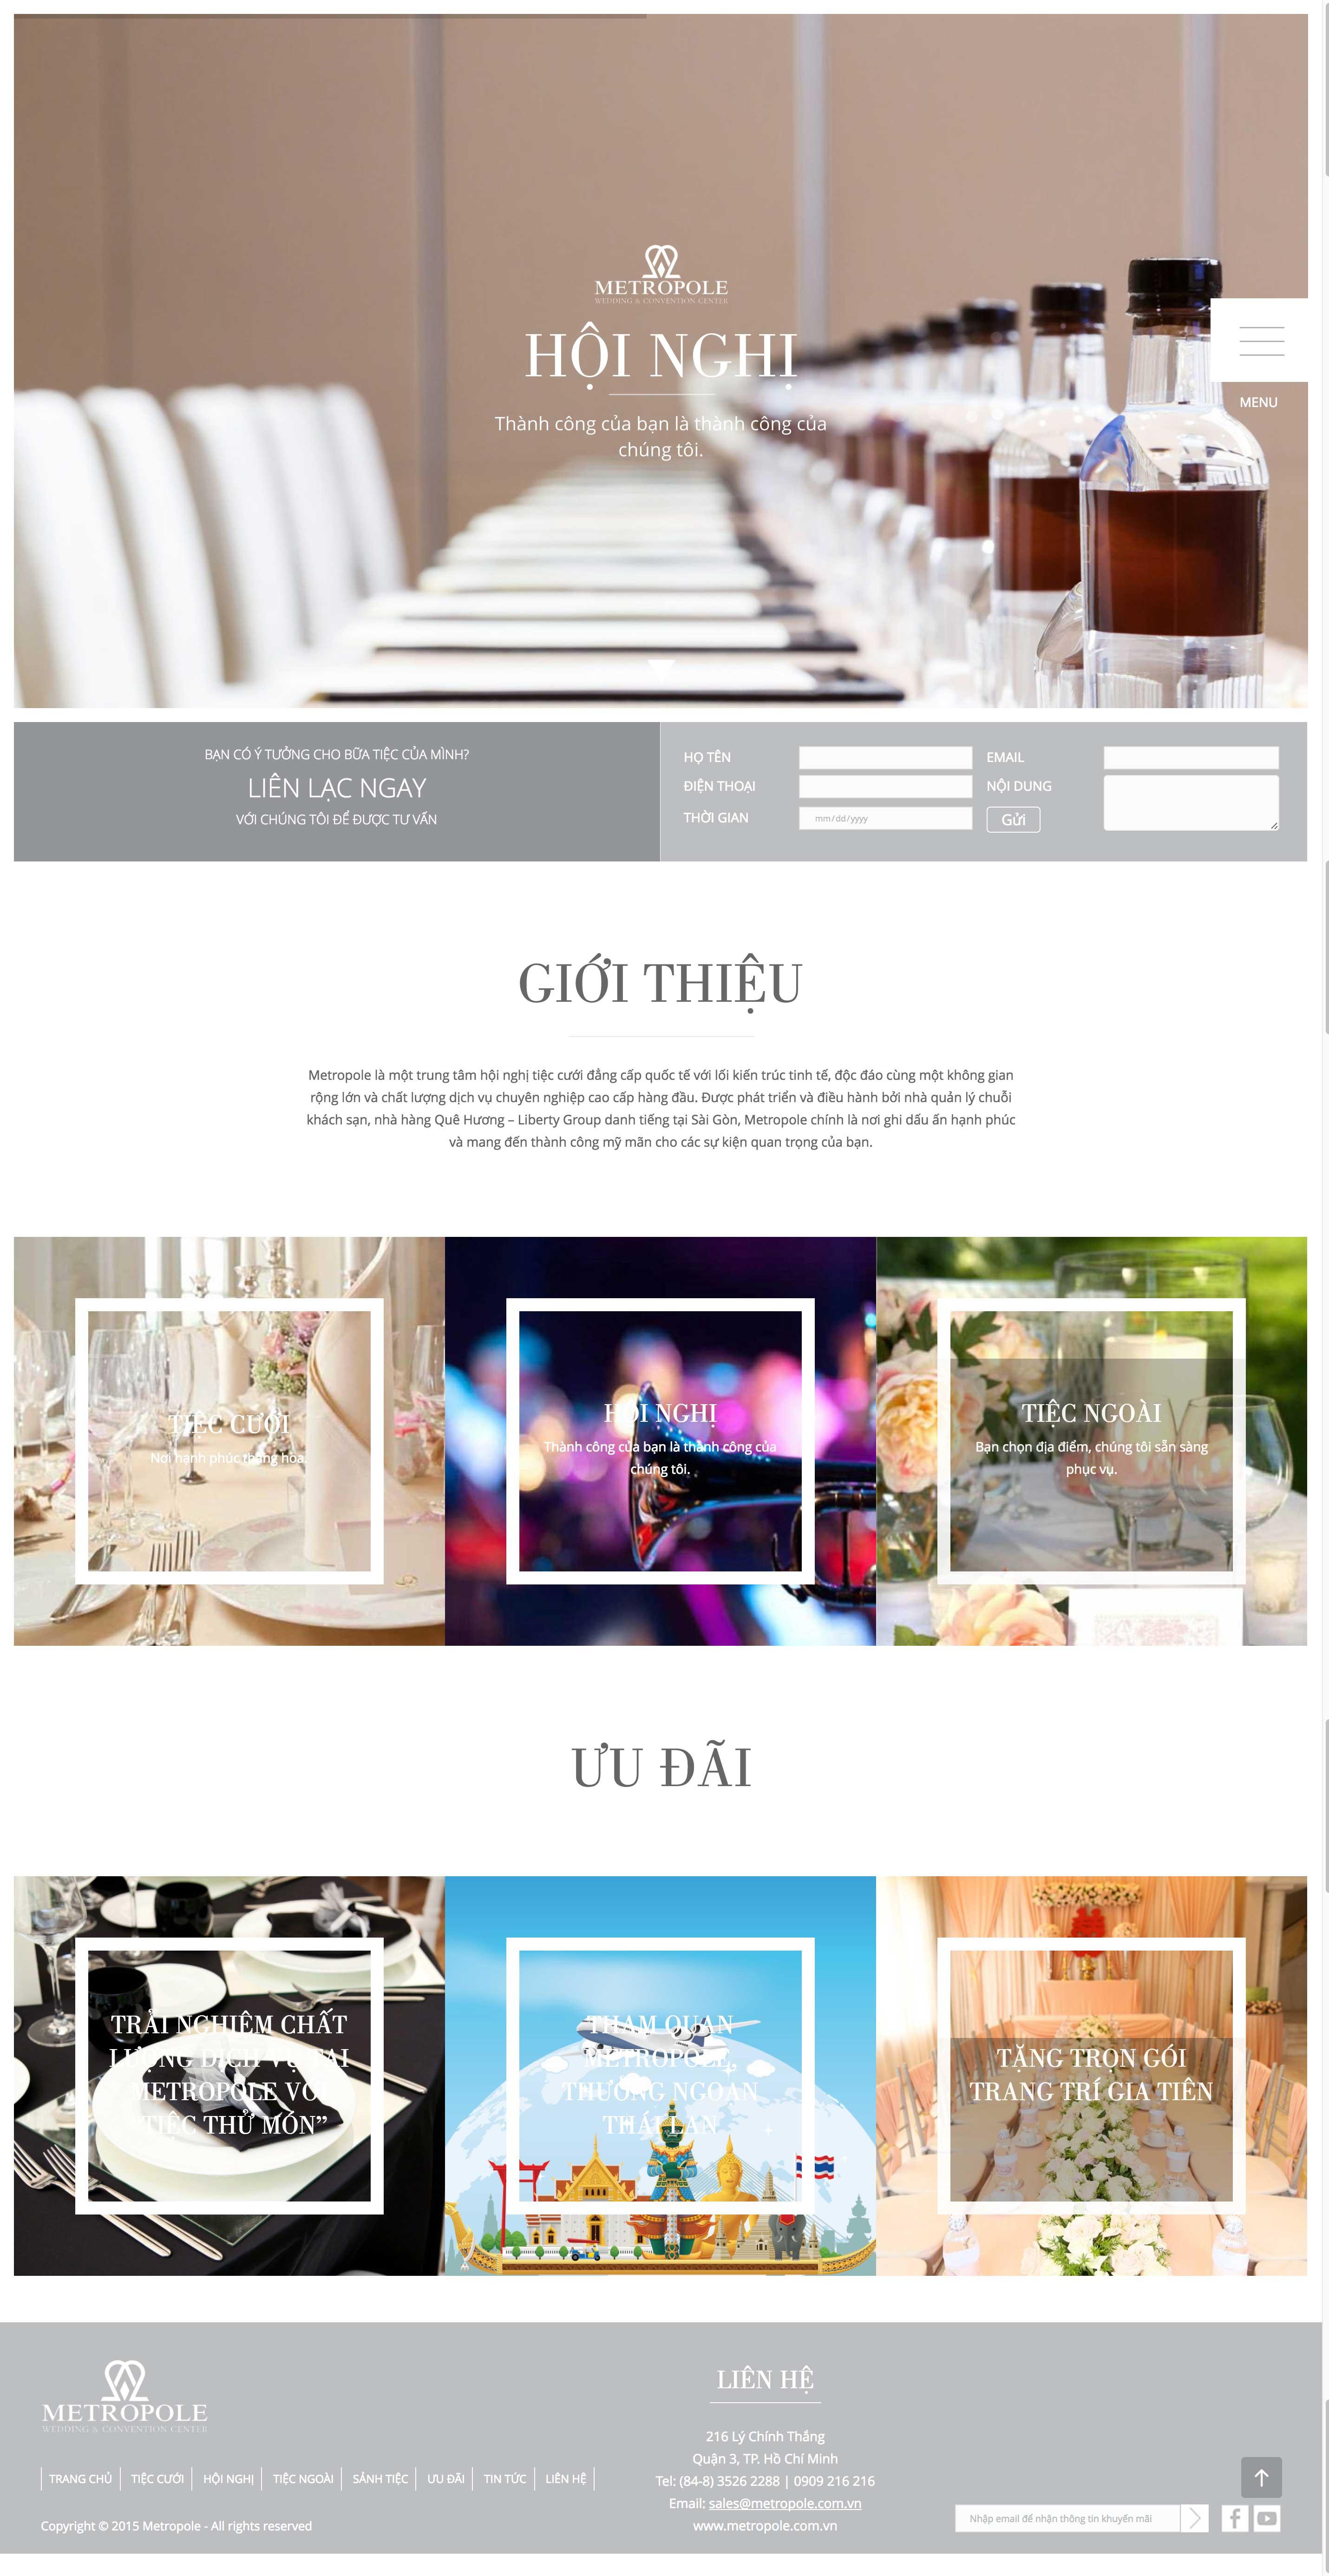 Thiết kế web nhà hàng trung tâm hội nghị tiệc cưới Metropole